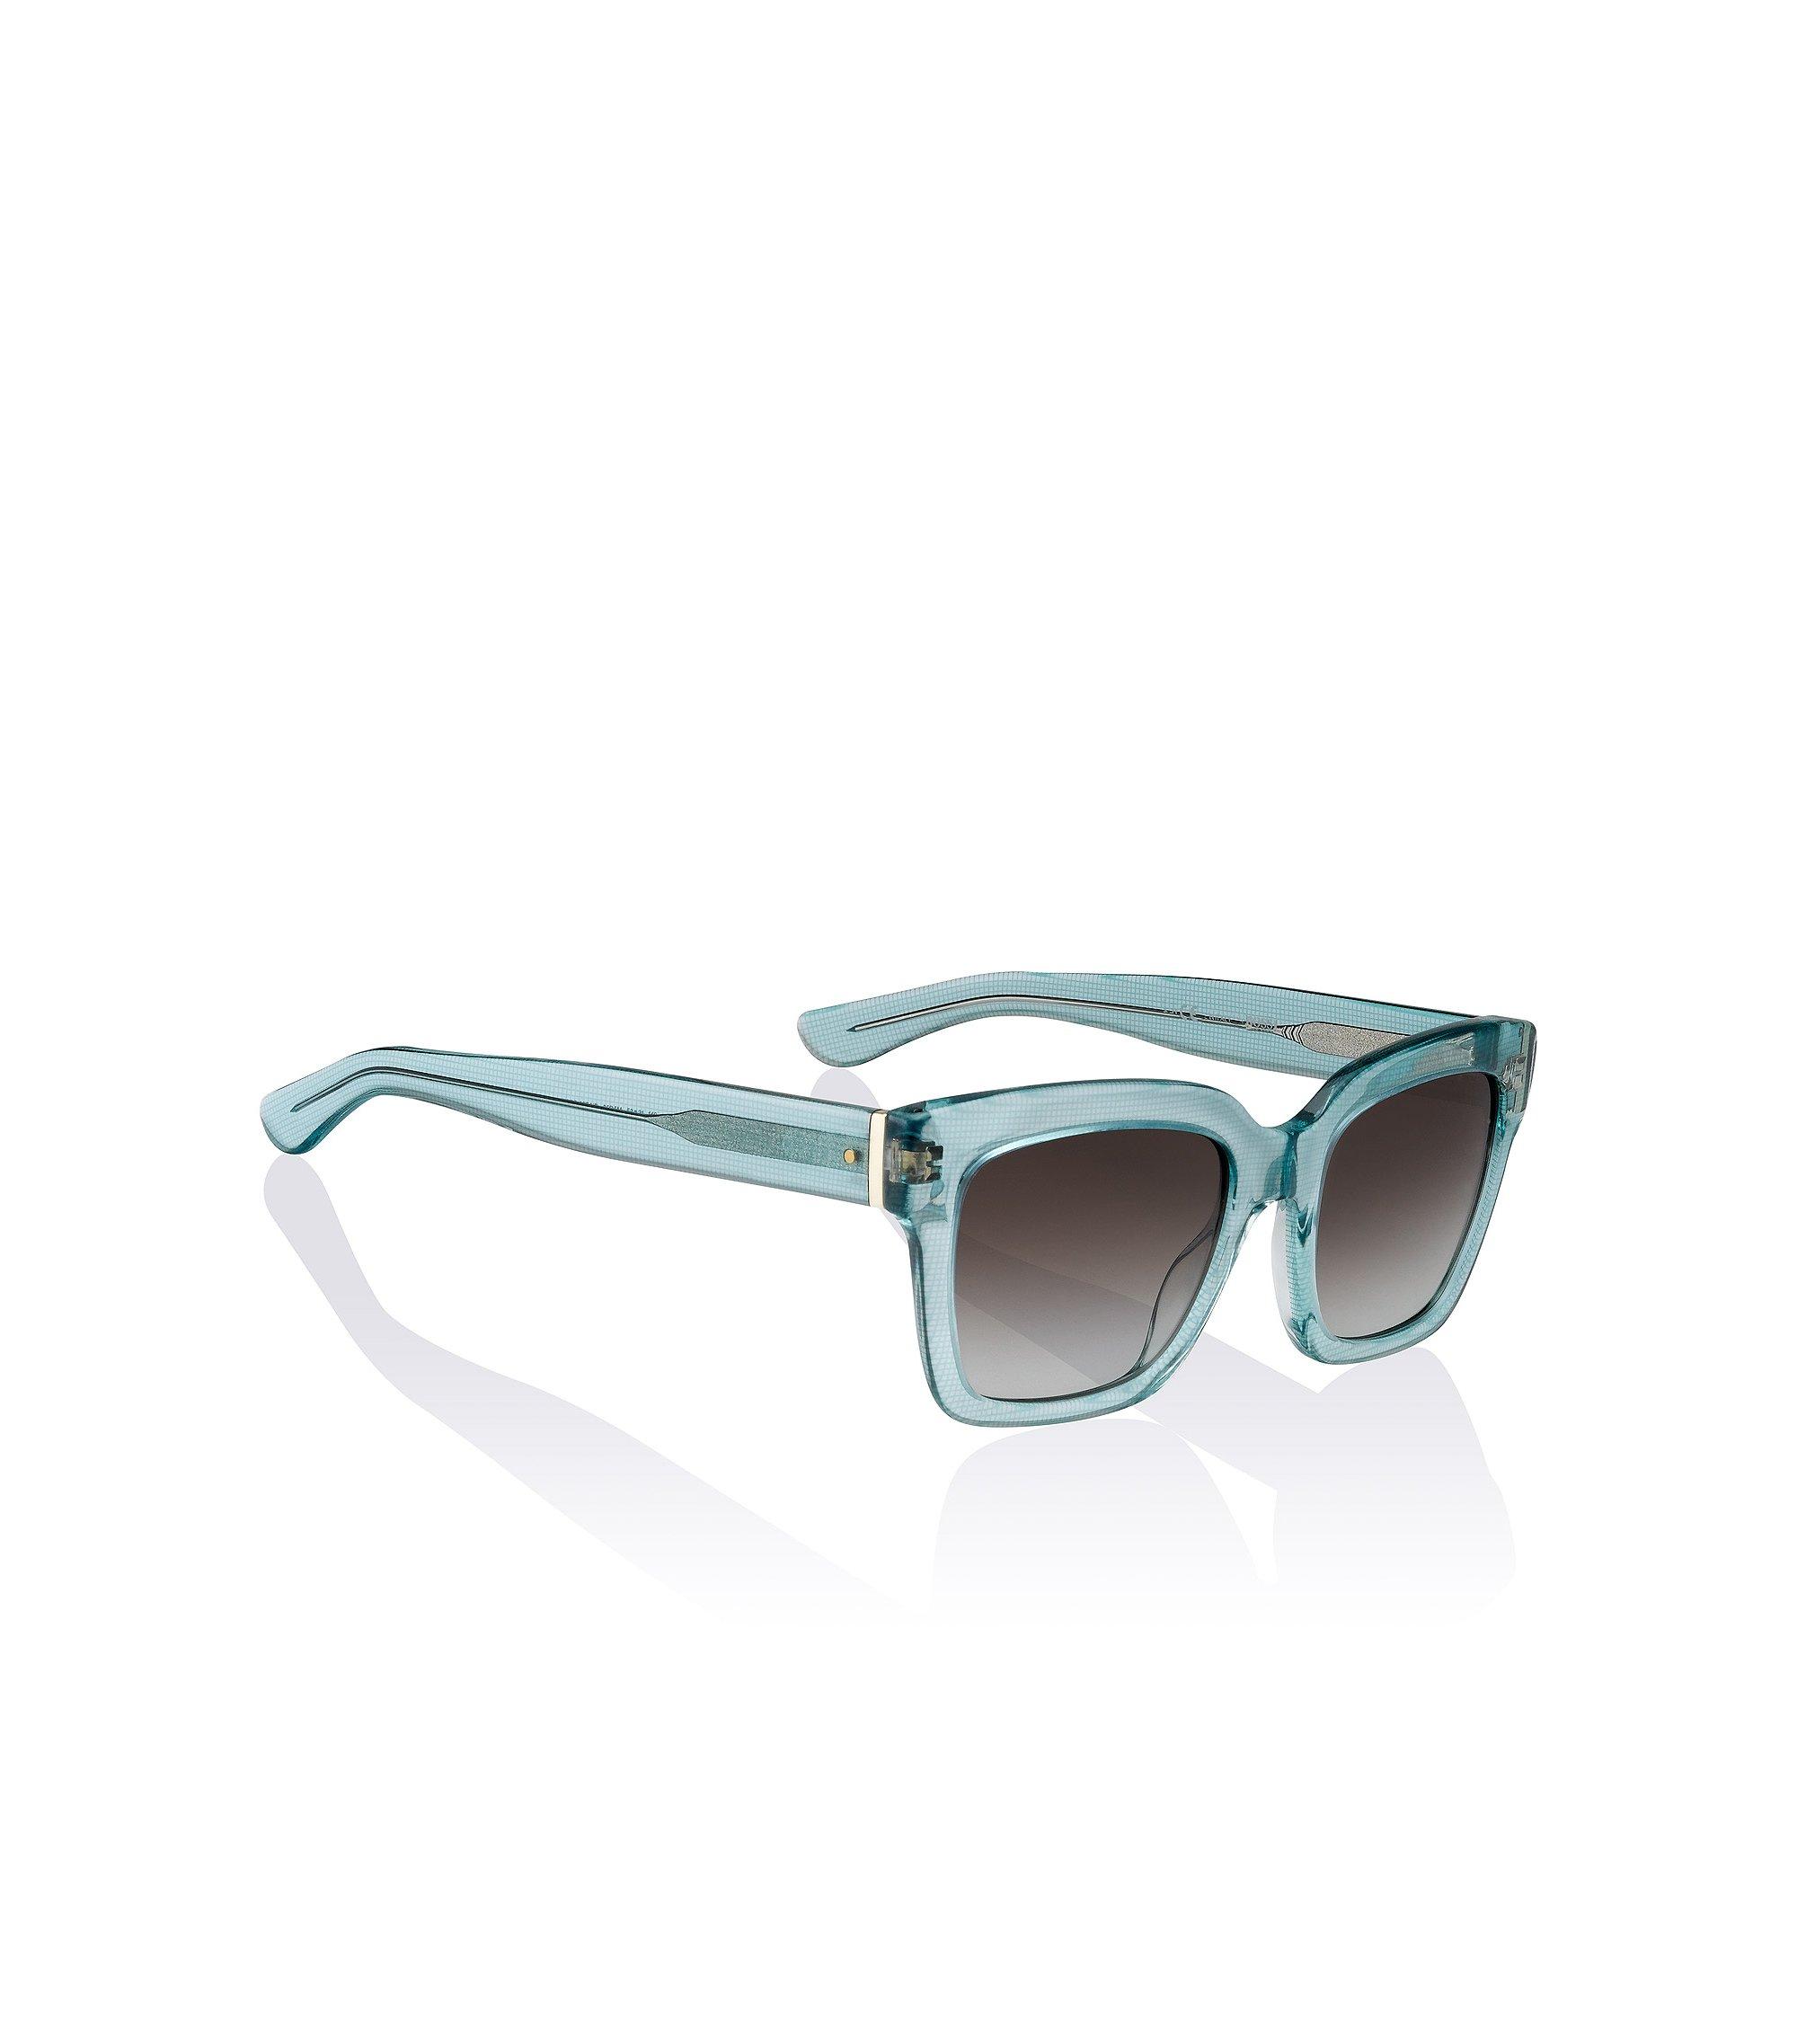 Wayfarer-zonnebril 'BOSS 0674' van acetaat en metaal, Assorted-Pre-Pack